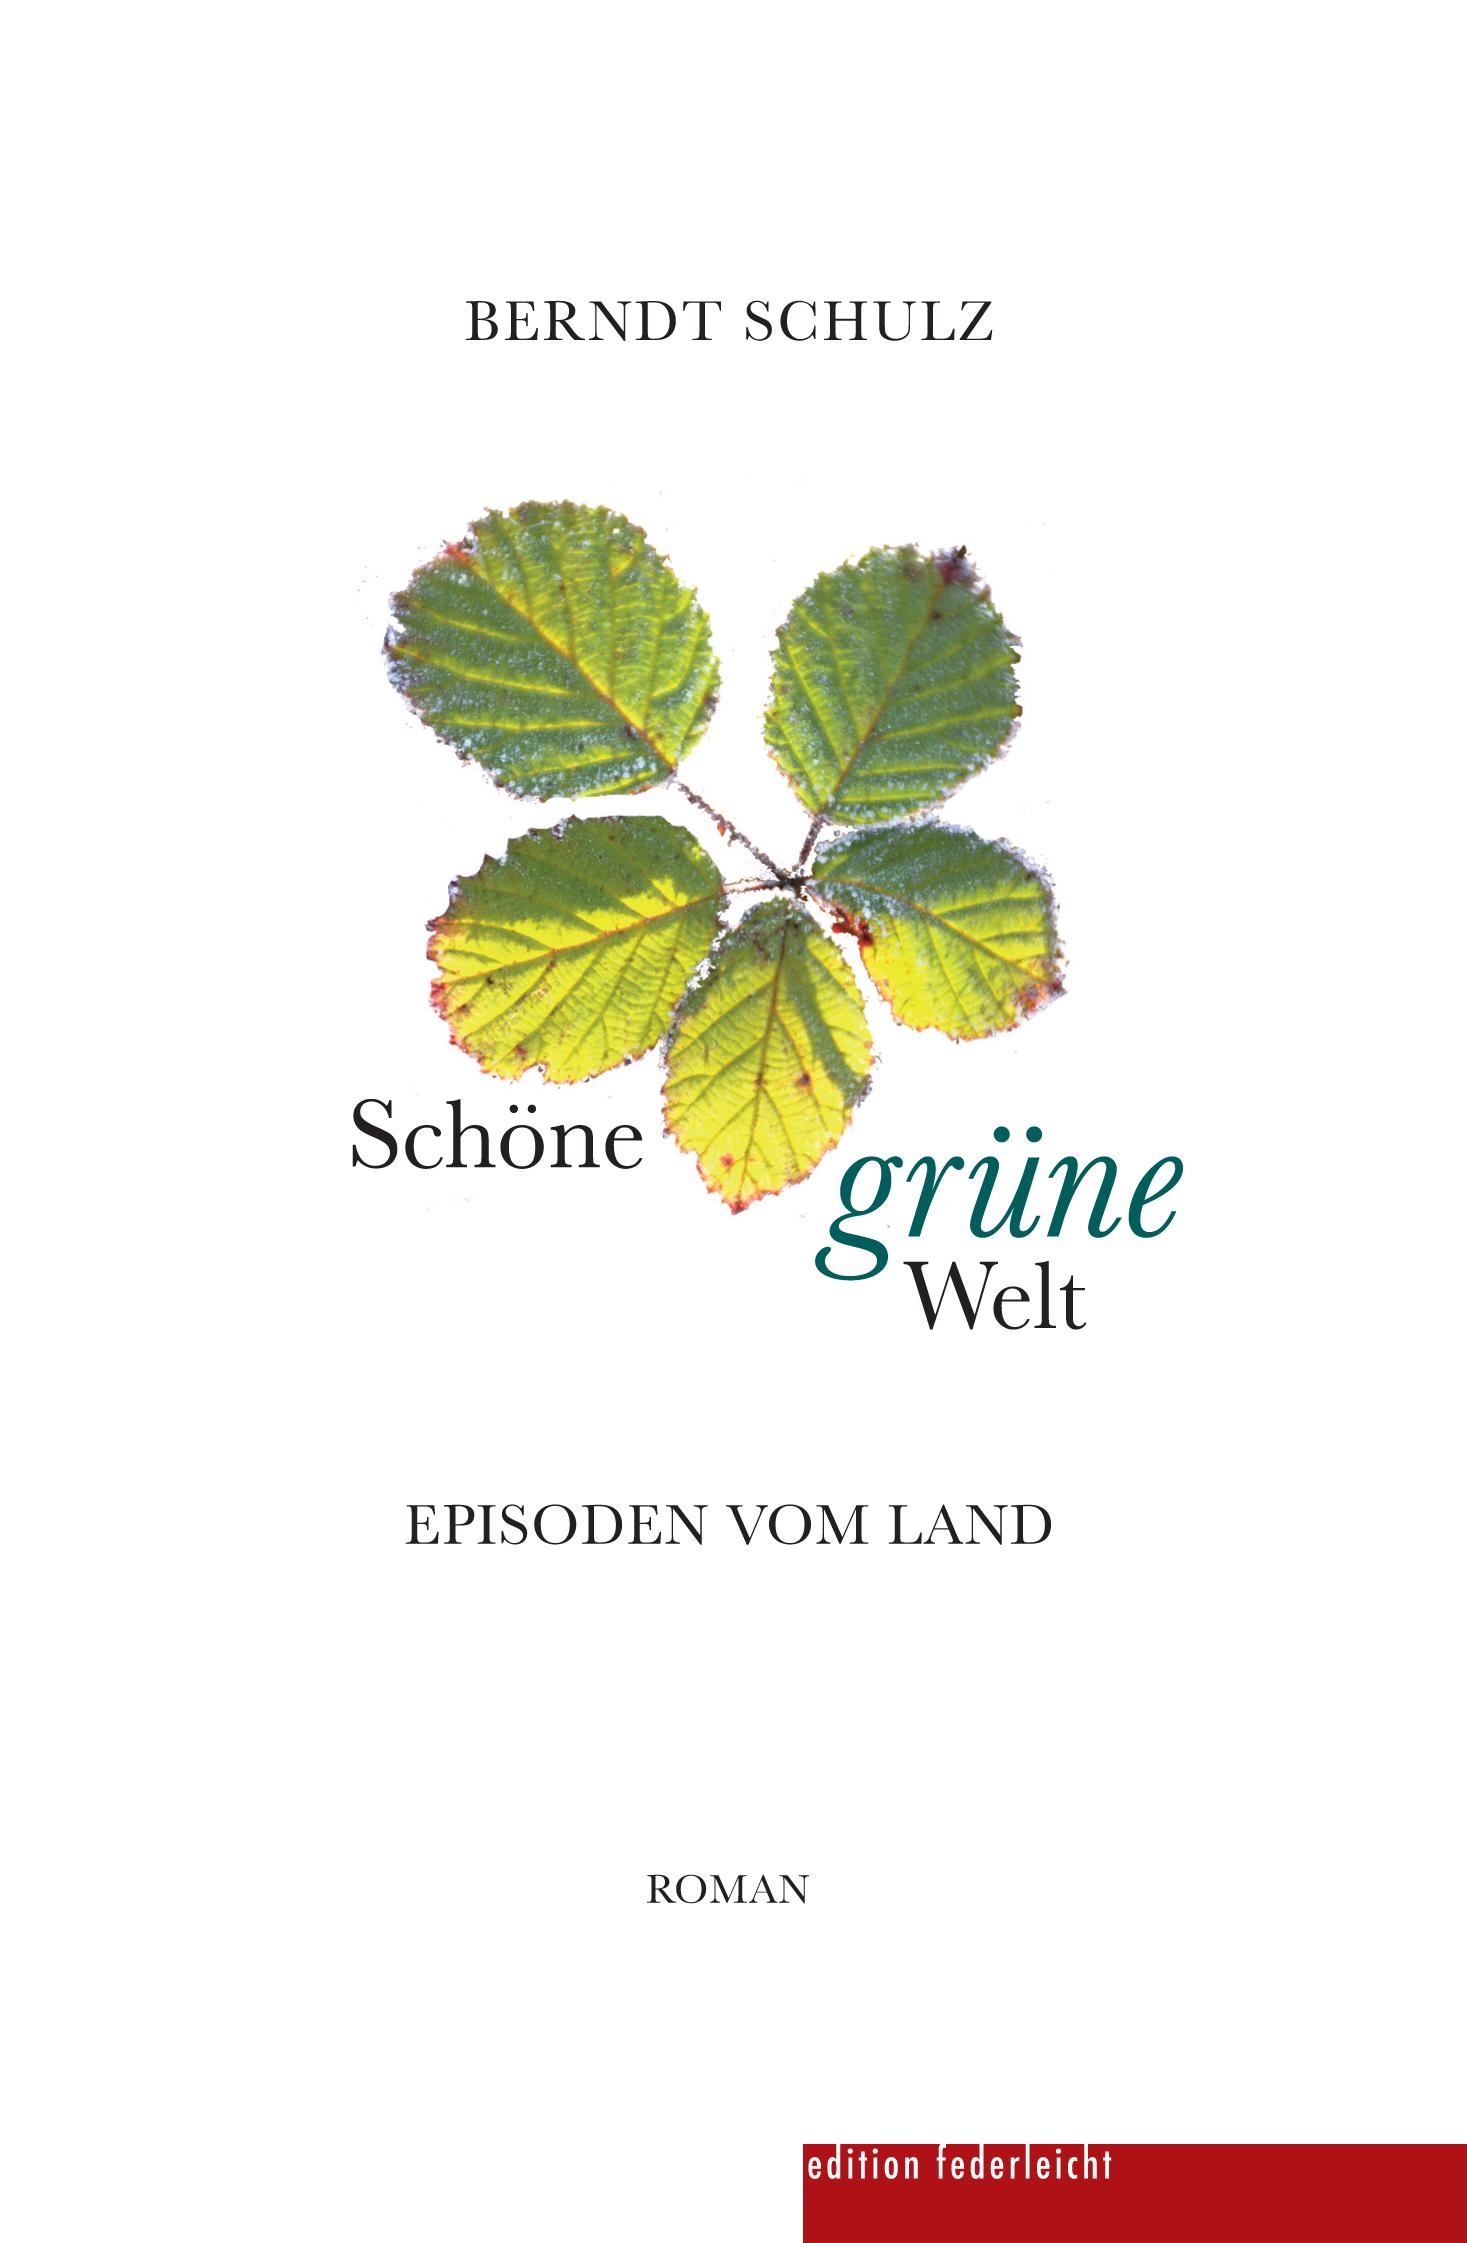 WIRD LEIDER AUSFALLEN - Literarische Häppchen - Berndt Schulz liest aus Schöne grüne Welt. Episoden vom Land